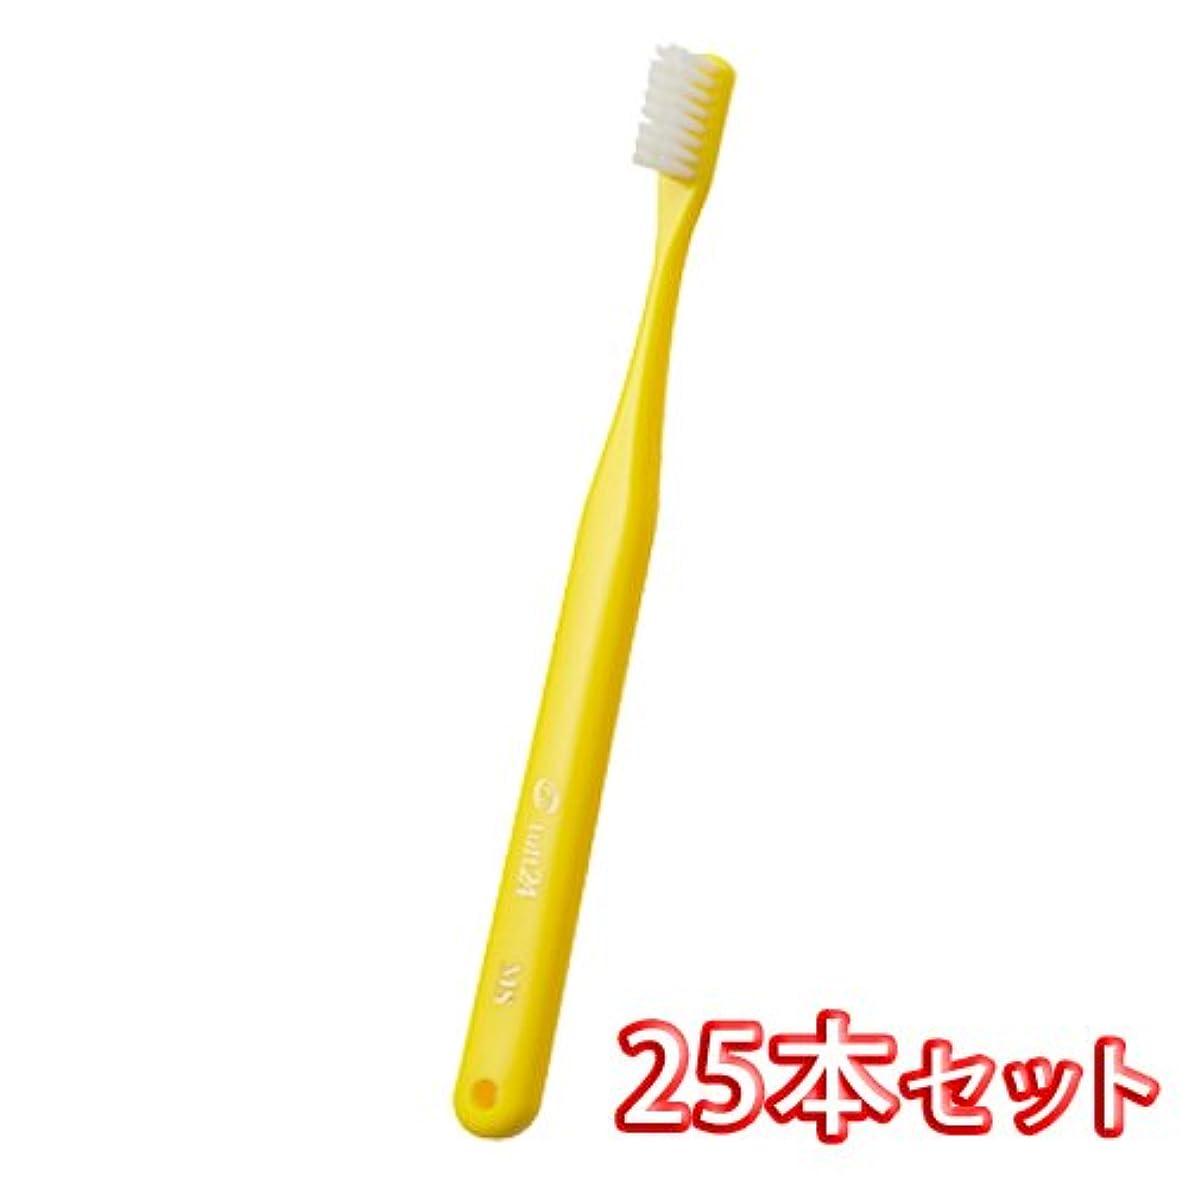 不安定な徹底的に利益オーラルケア キャップ付き タフト 24歯ブラシ 25本入 ミディアム M (イエロー)